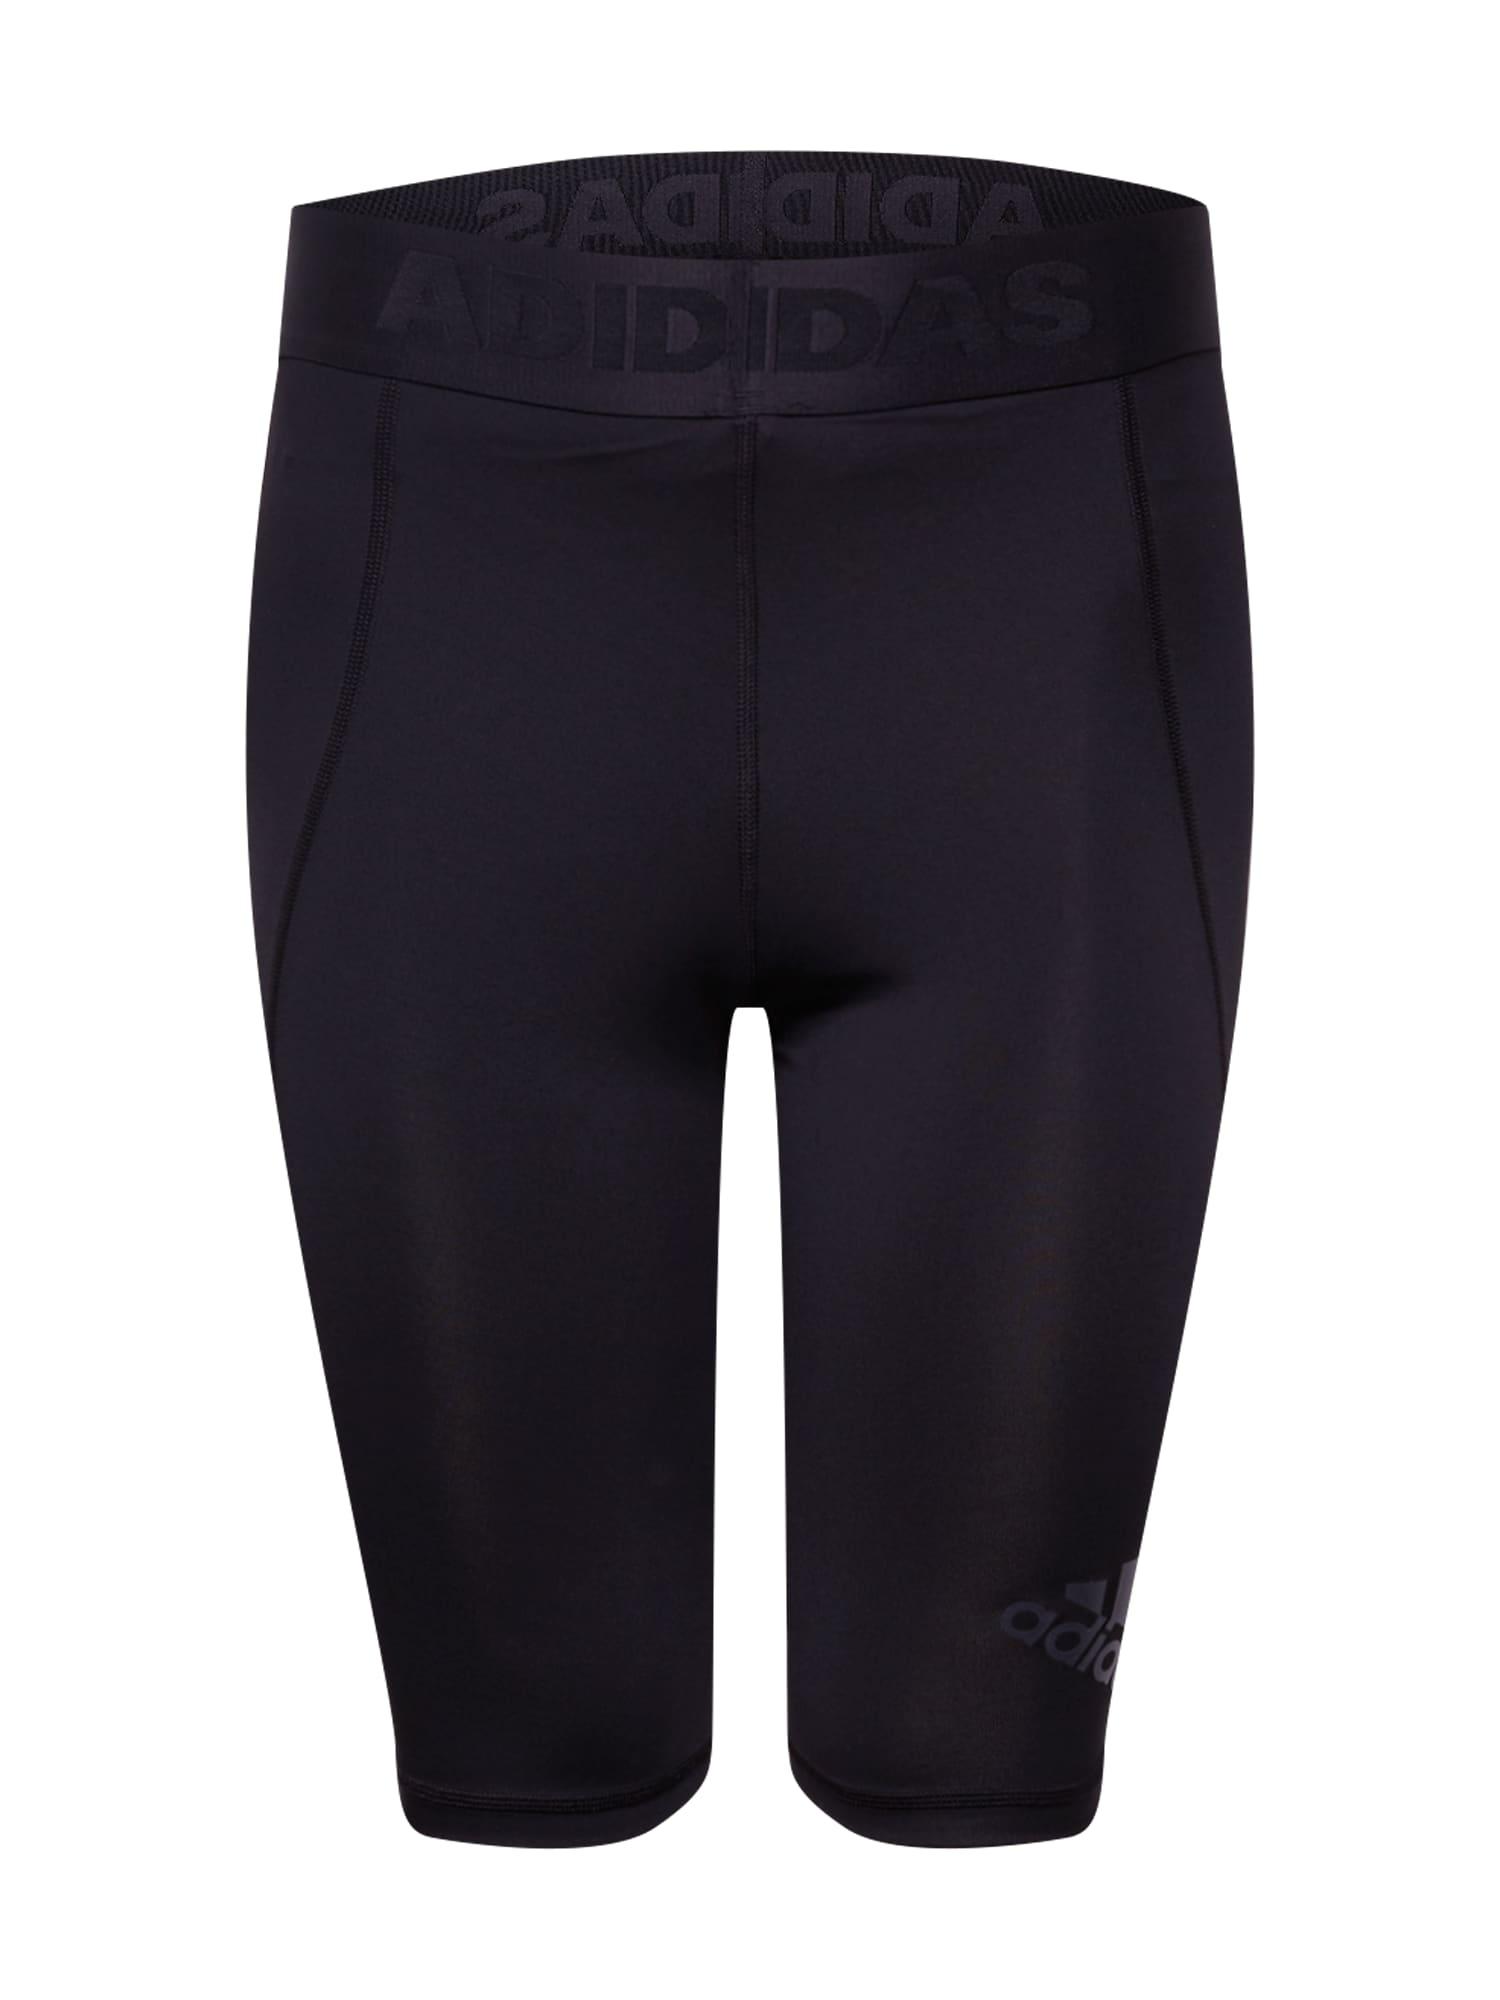 ADIDAS PERFORMANCE Sportinės kelnės juoda